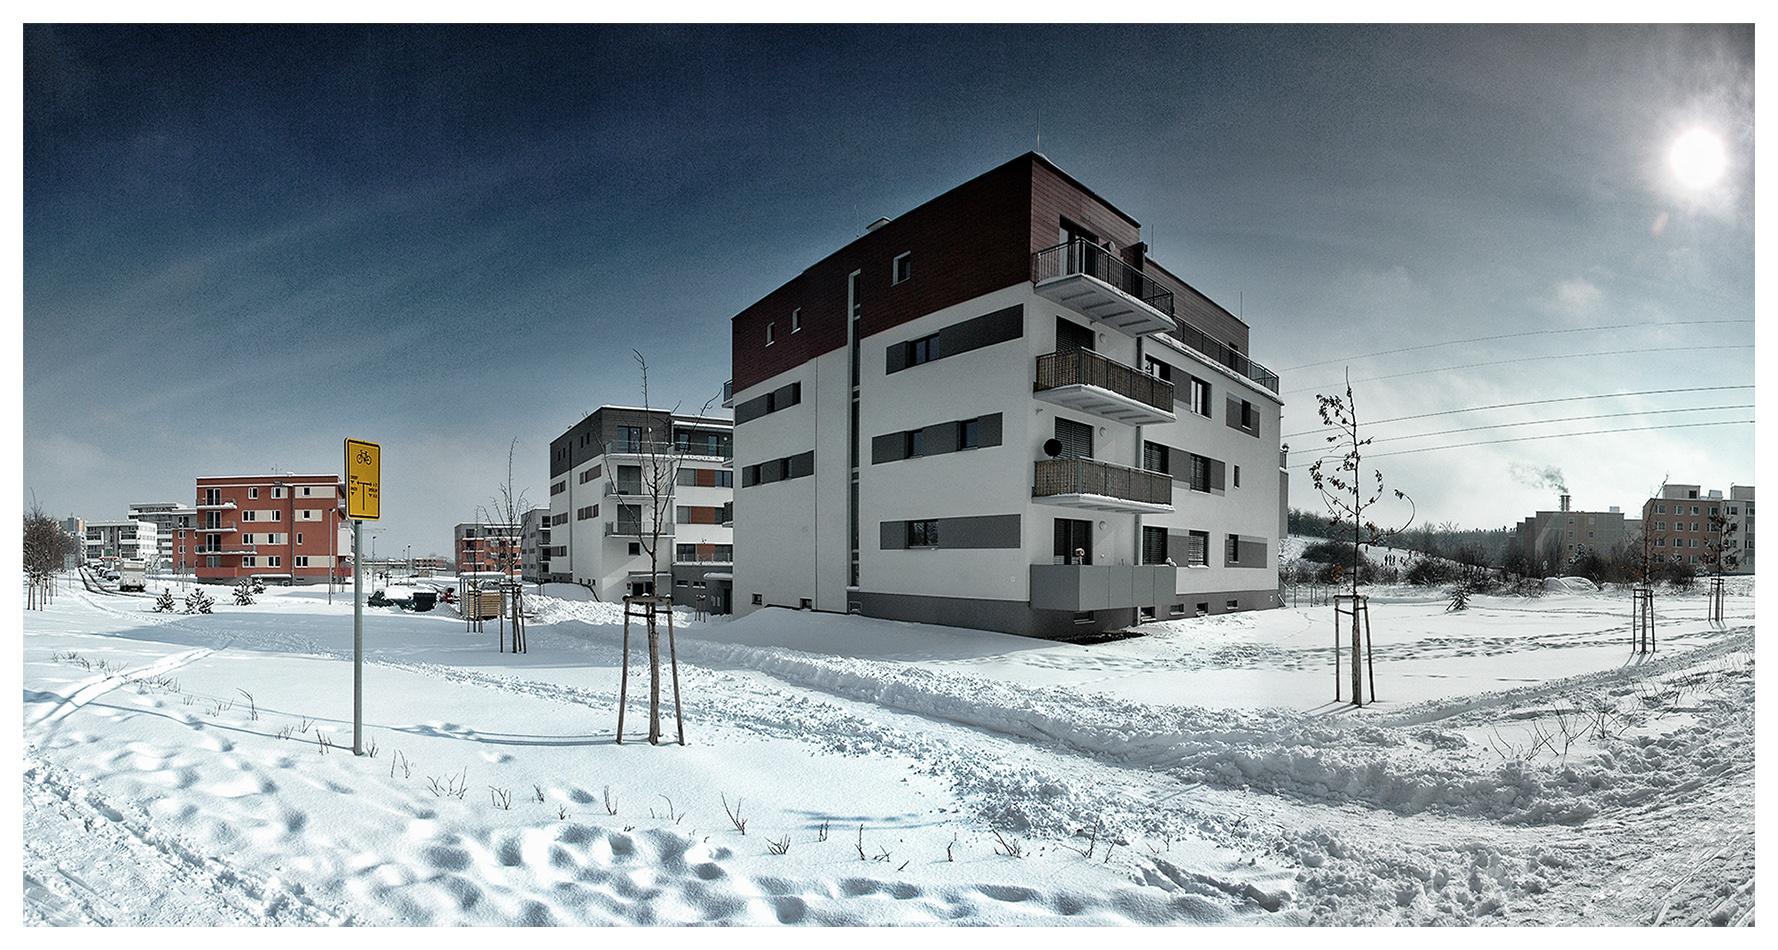 Milíčovský háj - Praha 4 - Zima 2013